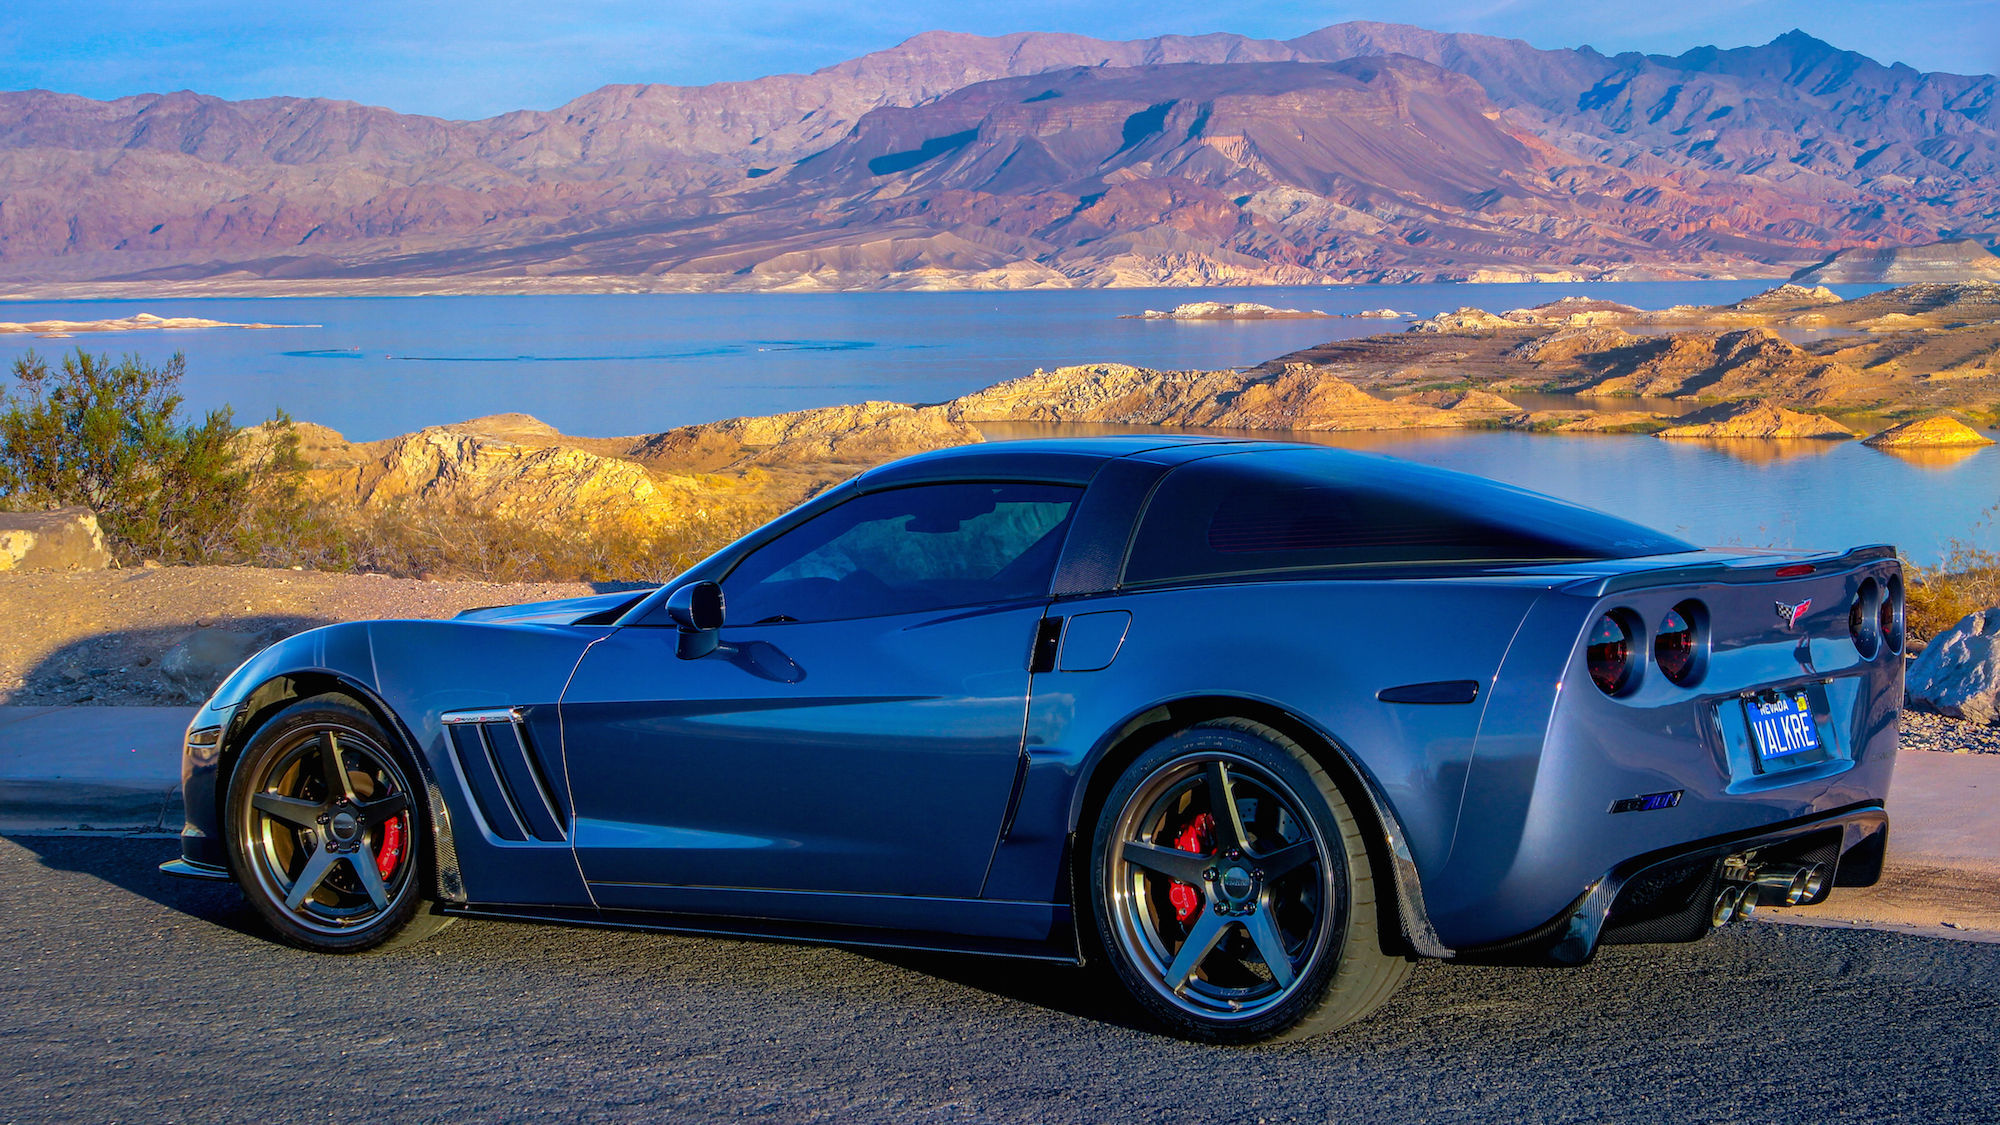 2013 Chevrolet Corvette | C6 Corvette on Forgeline CF3C-SL Wheels